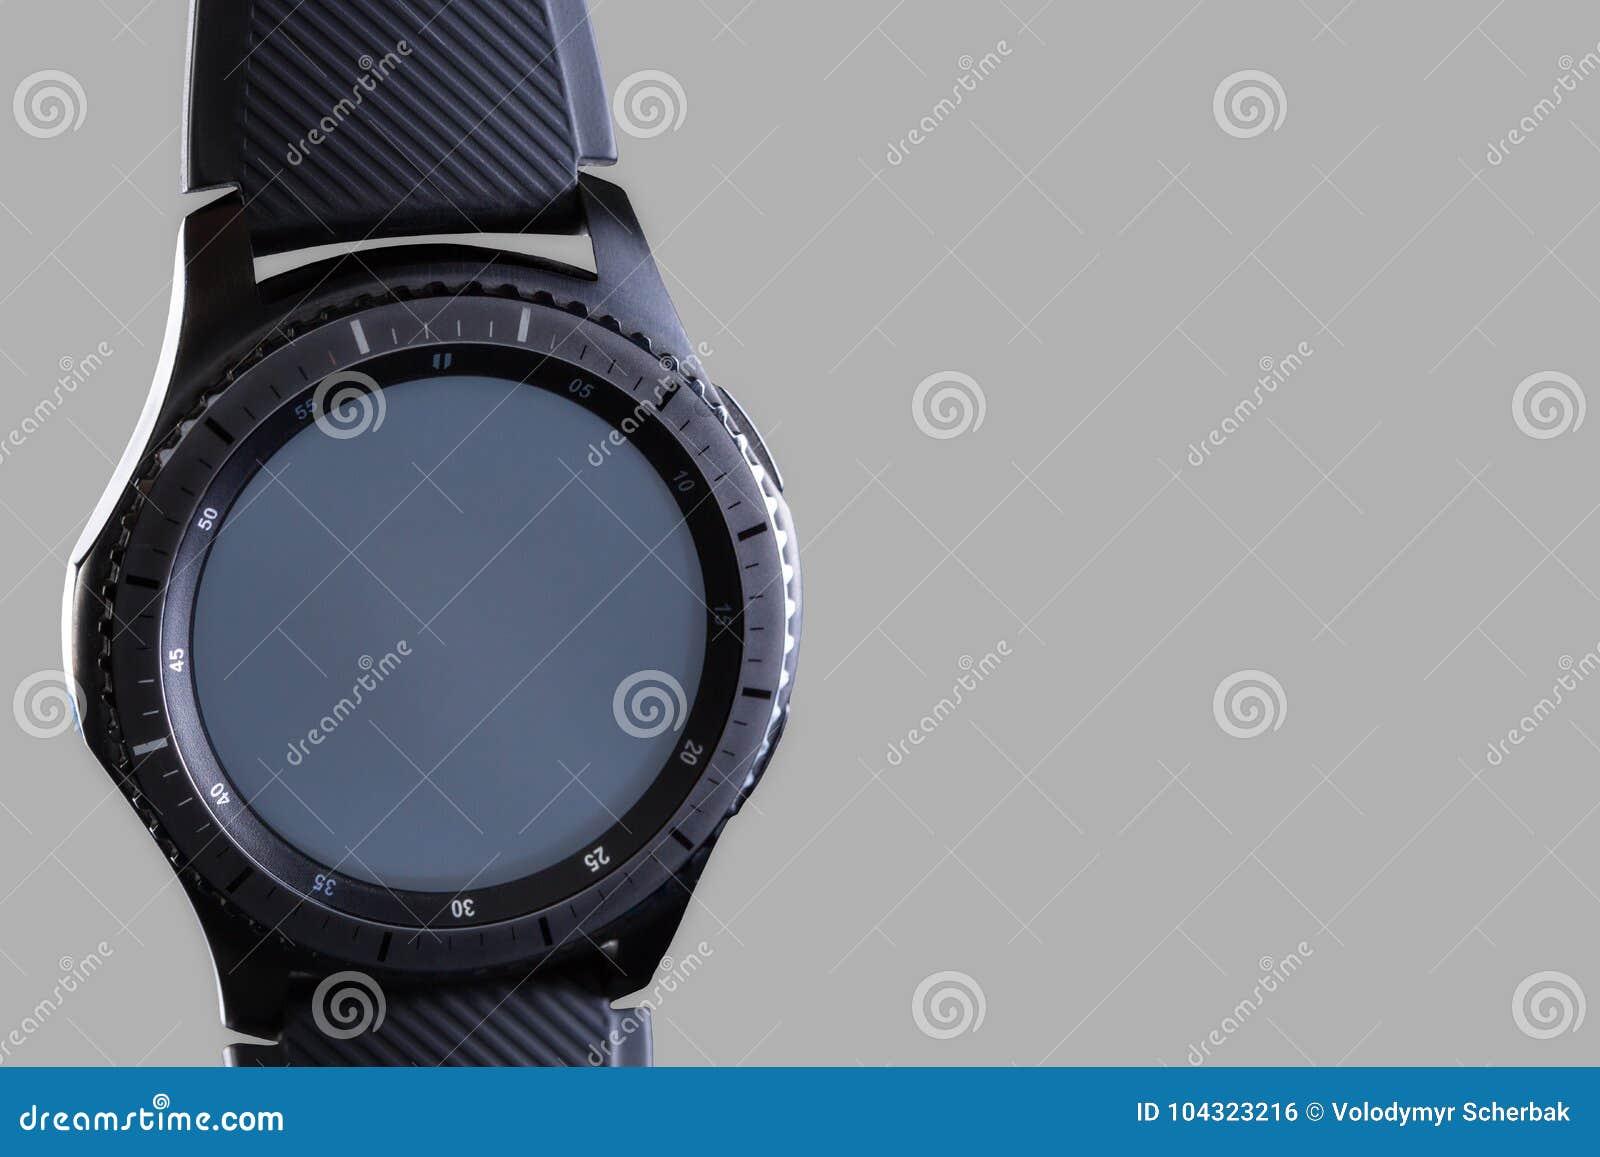 Smart klocka med en tom visartavla på en grå bakgrund